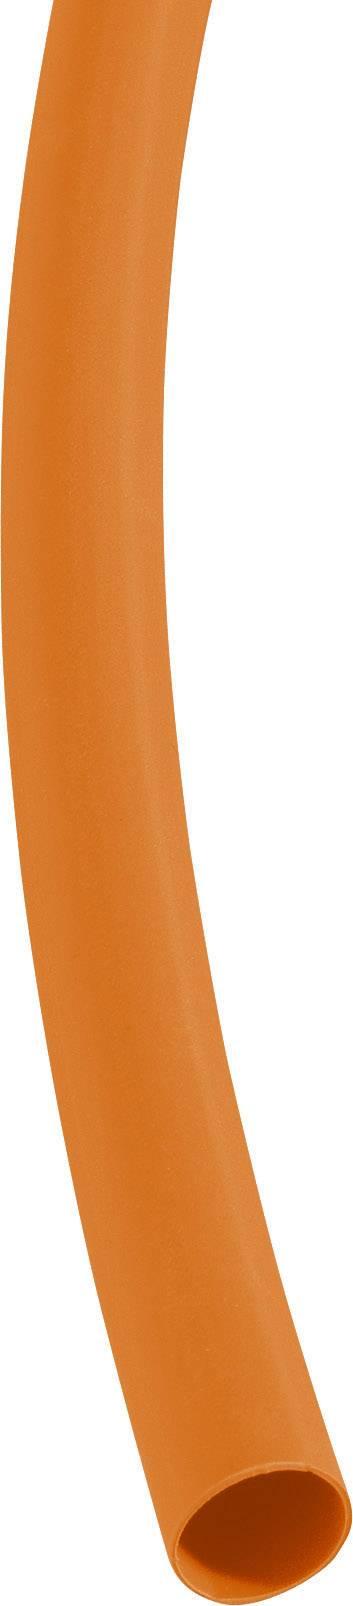 Smršťovací bužírka bez lepidla DSG Canusa 3290120203 3:1, -55 až +135 °C, 12.70 mm, oranžová, metrové zboží